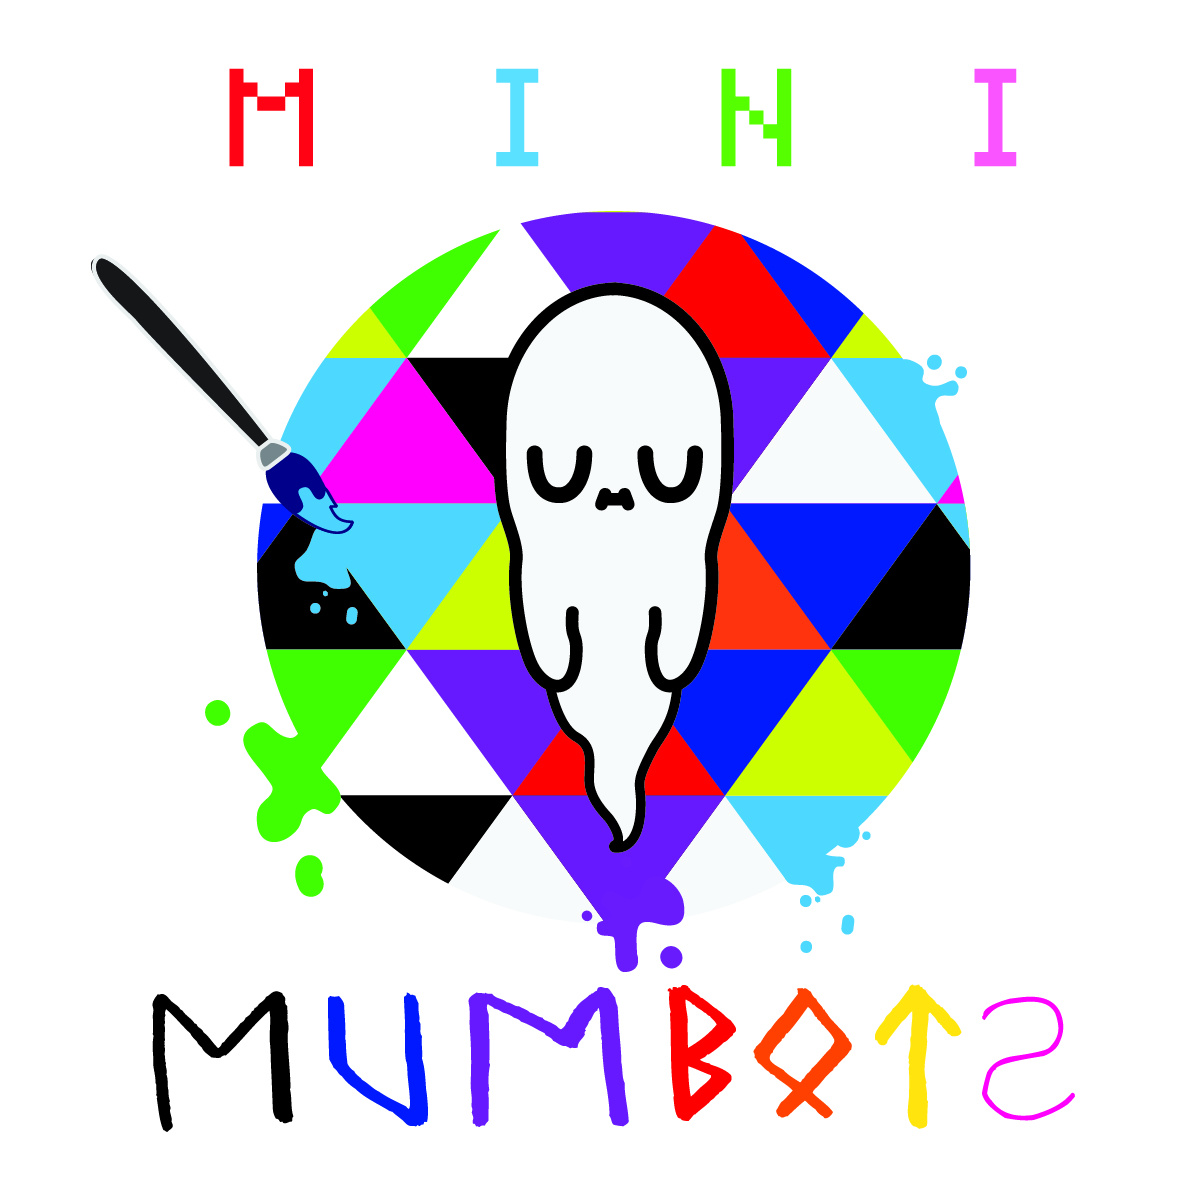 Mumbot